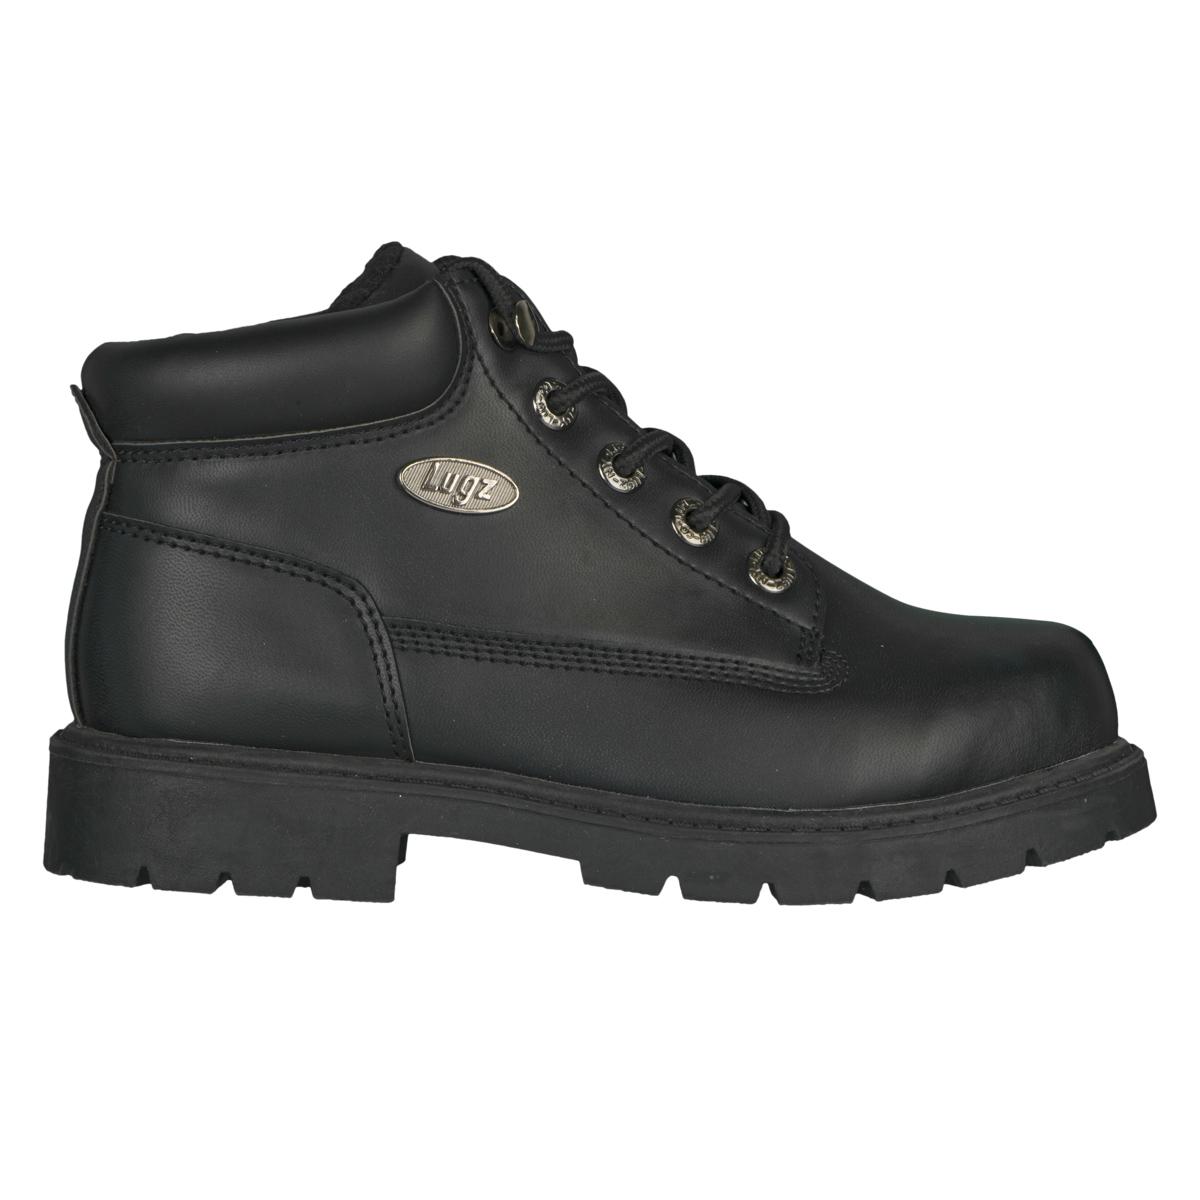 lugz drifter fleece boys boot black stylish footwear